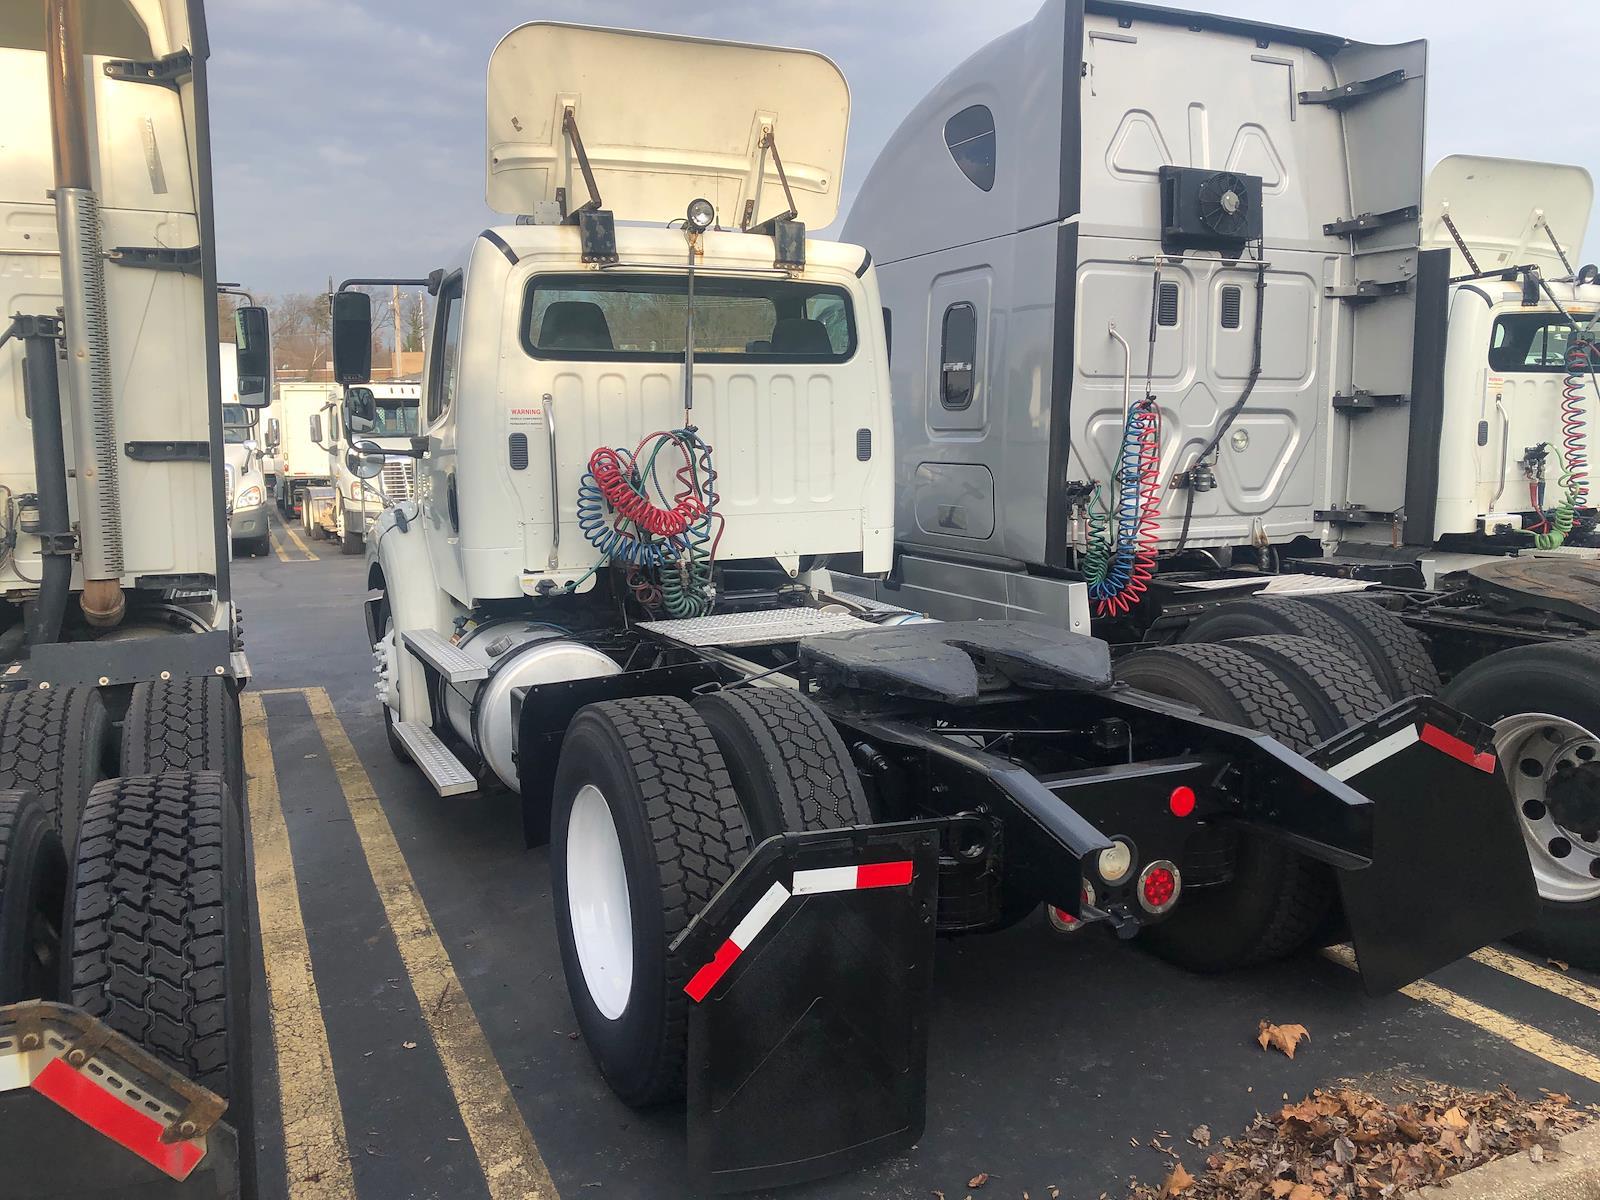 2013 Freightliner Truck 4x2, Tractor #475287 - photo 1